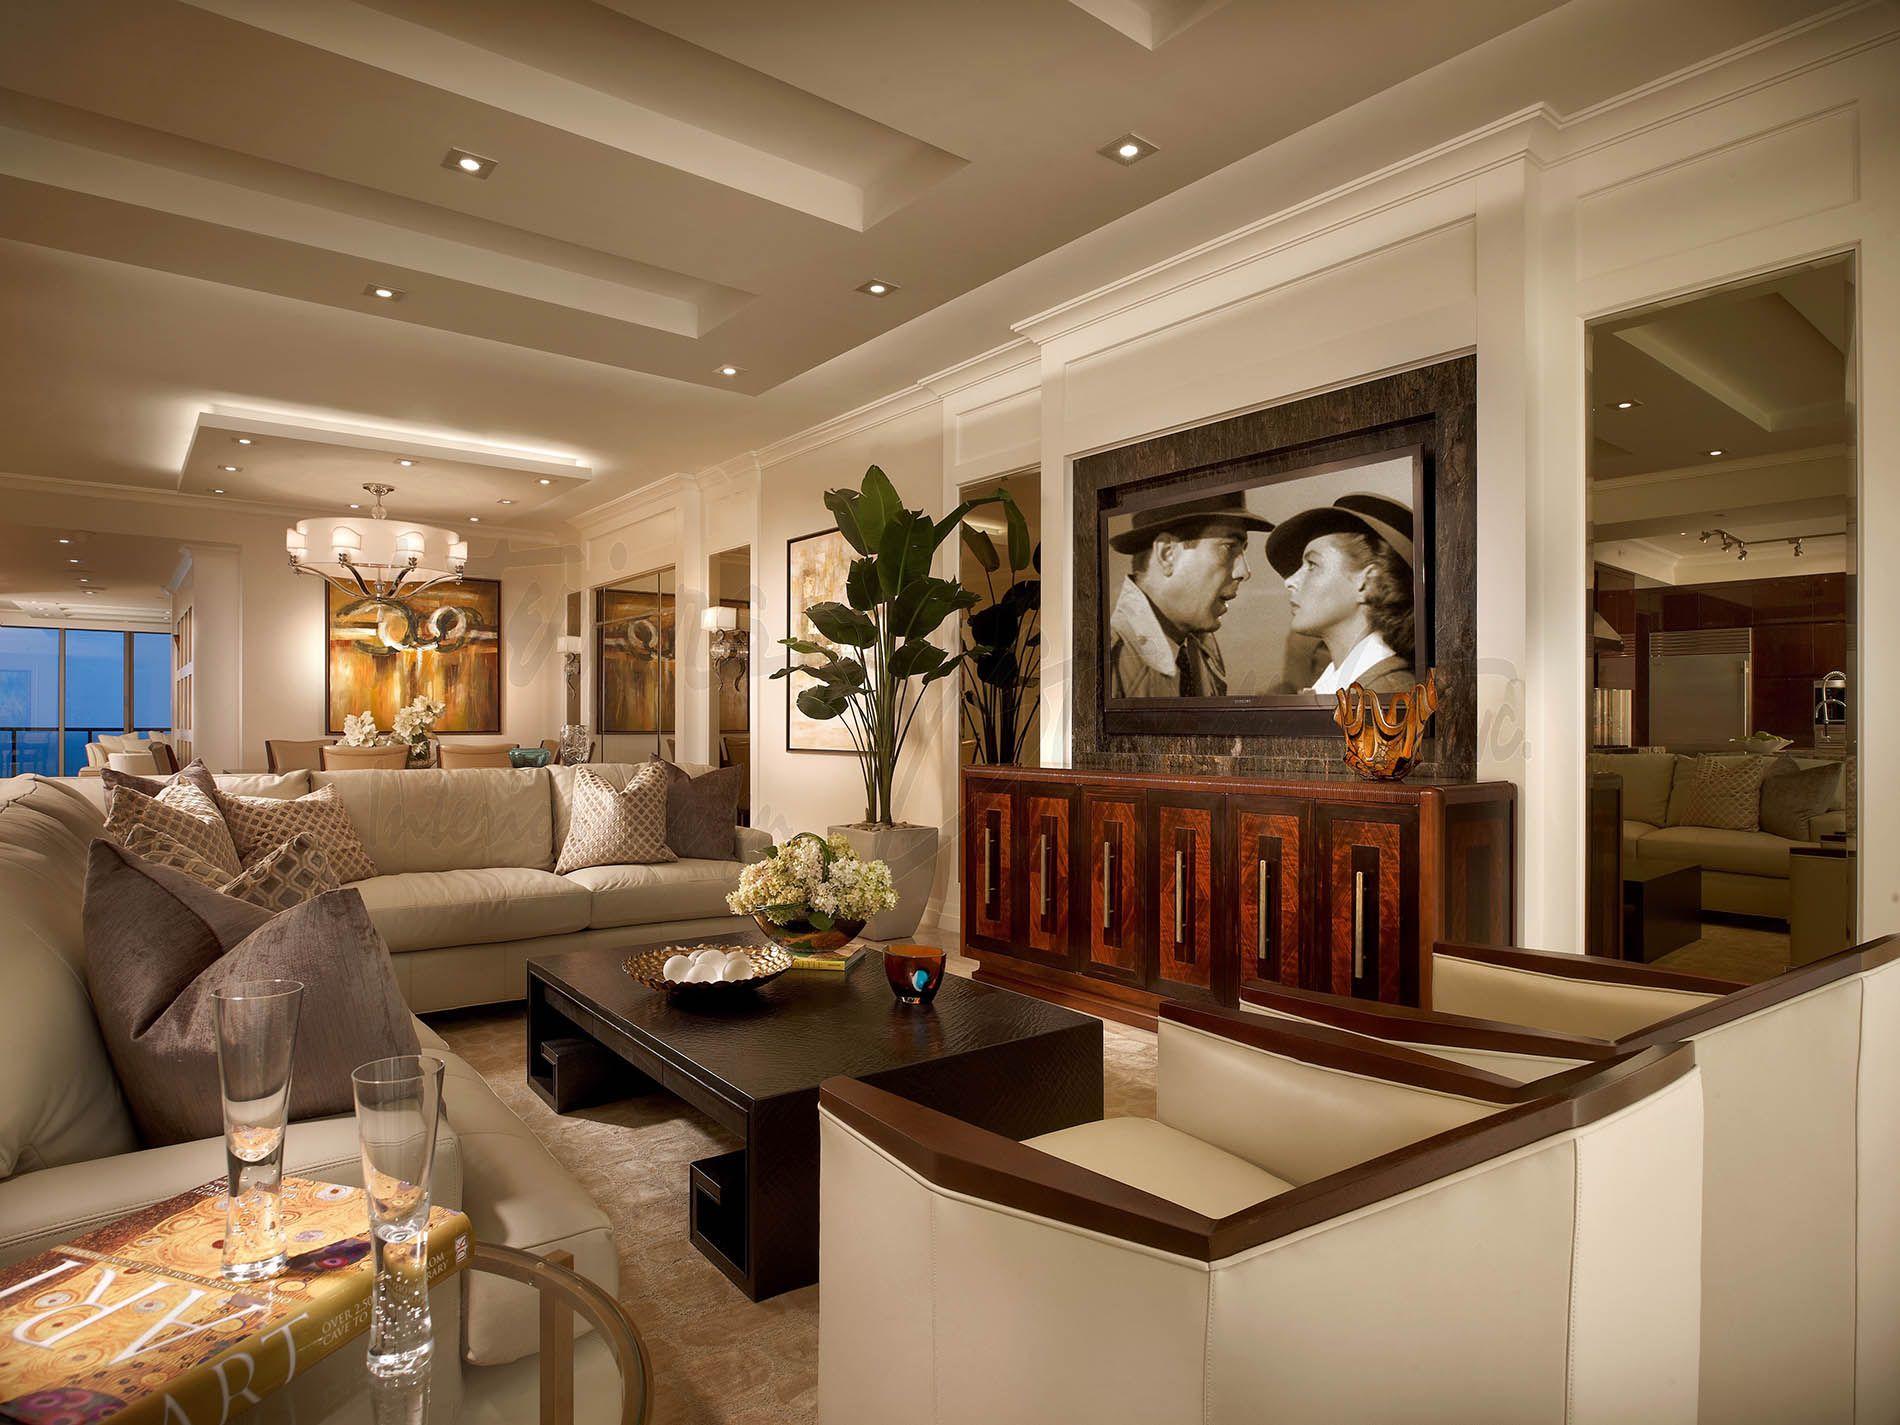 Traditional St Regis Portfolio Interiors By Steven G Traditional Interior Design Home Traditional Interior